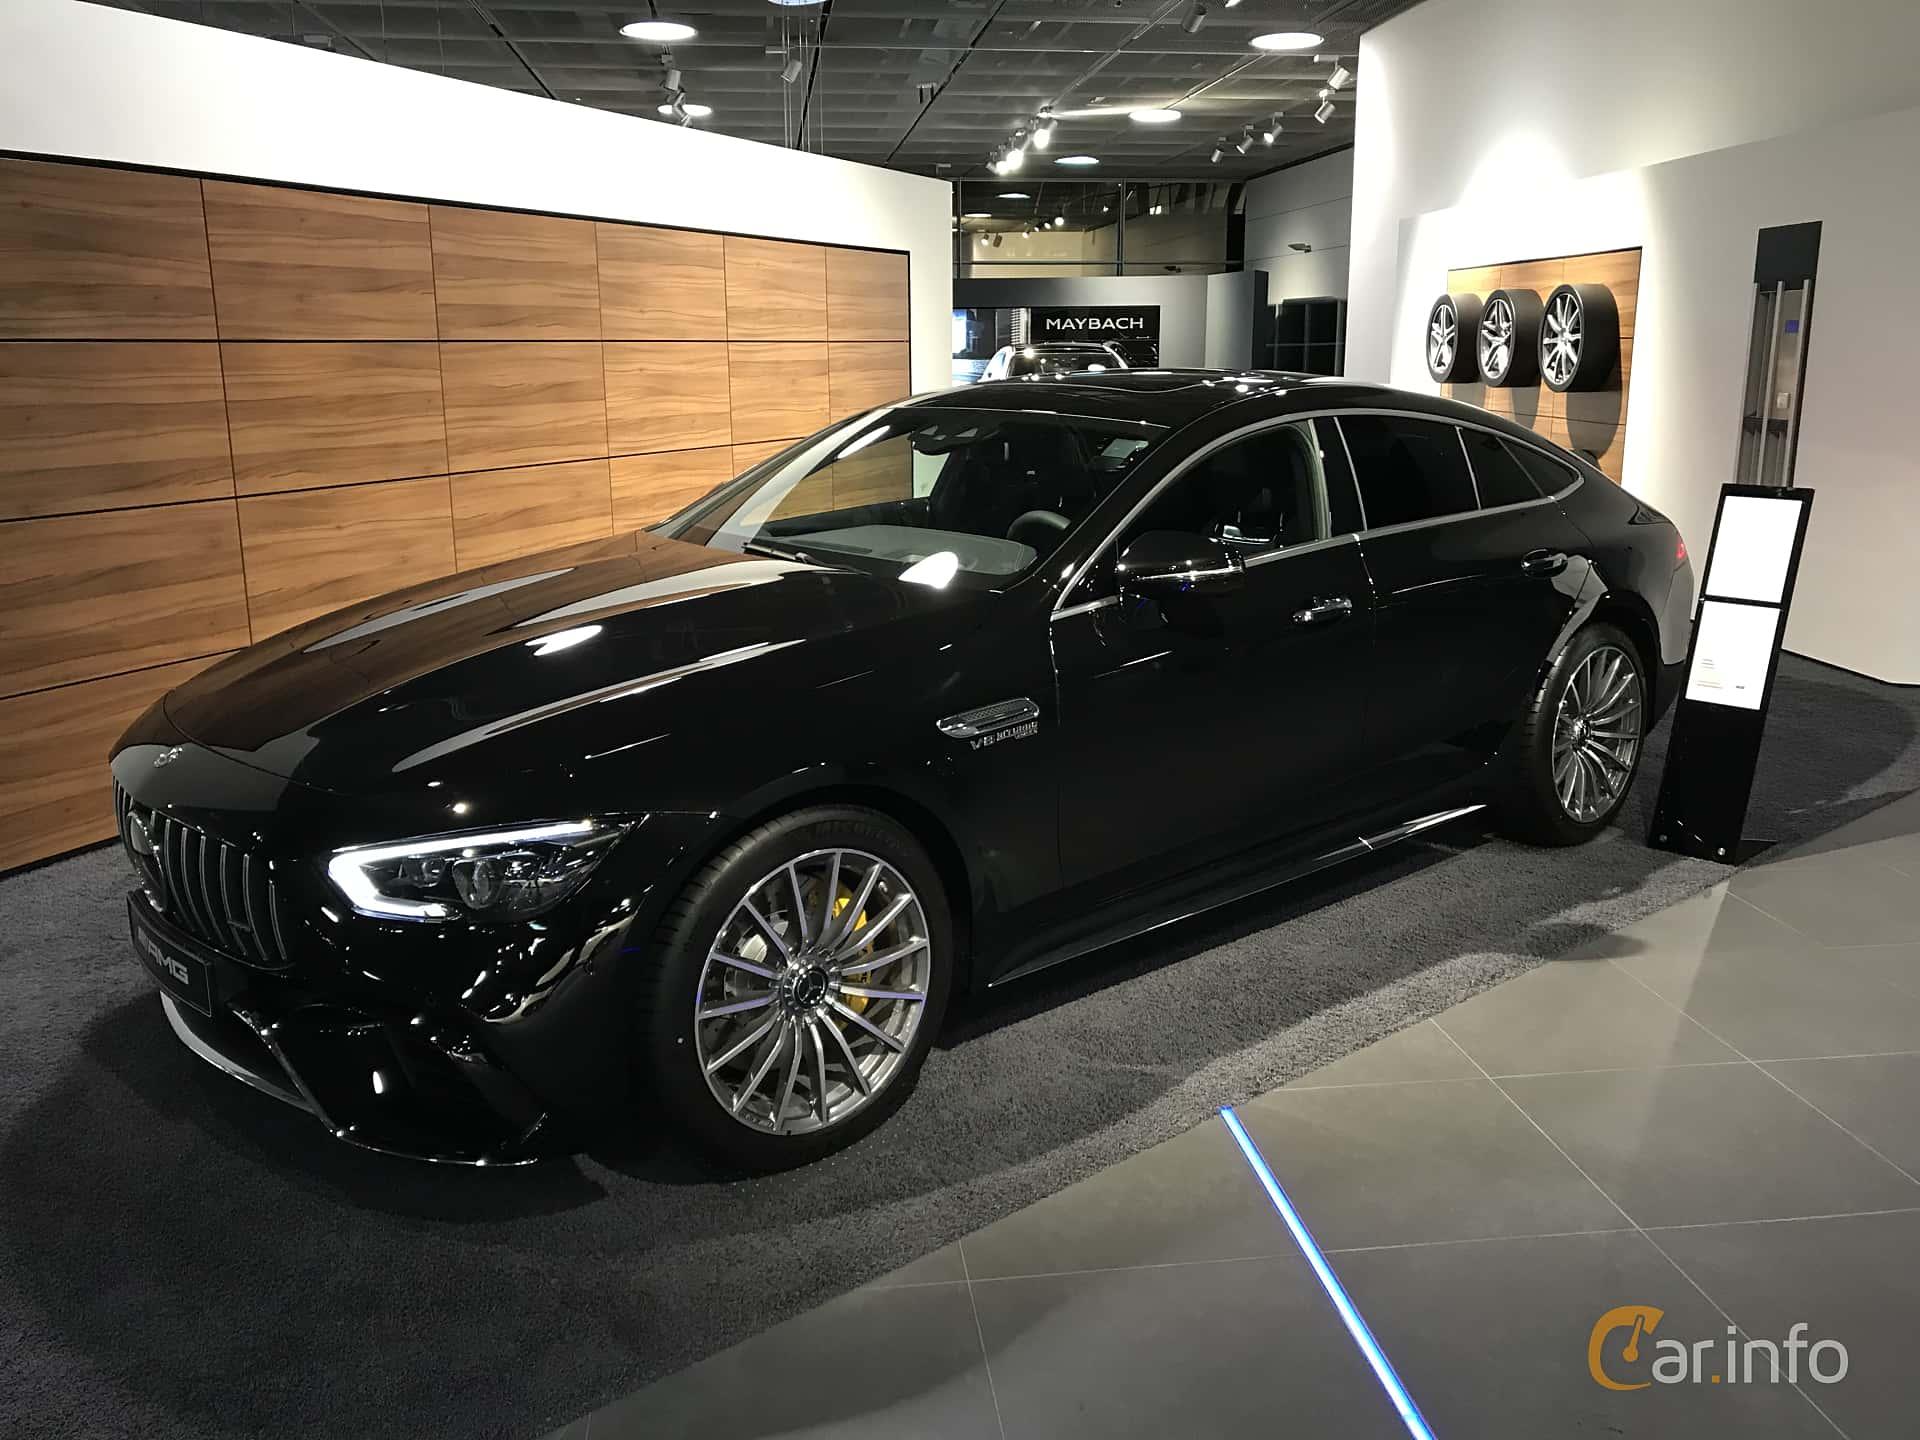 Mercedes-Benz AMG GT 63 S 4-door Coupé 4MATIC+  , 639hp, 2019